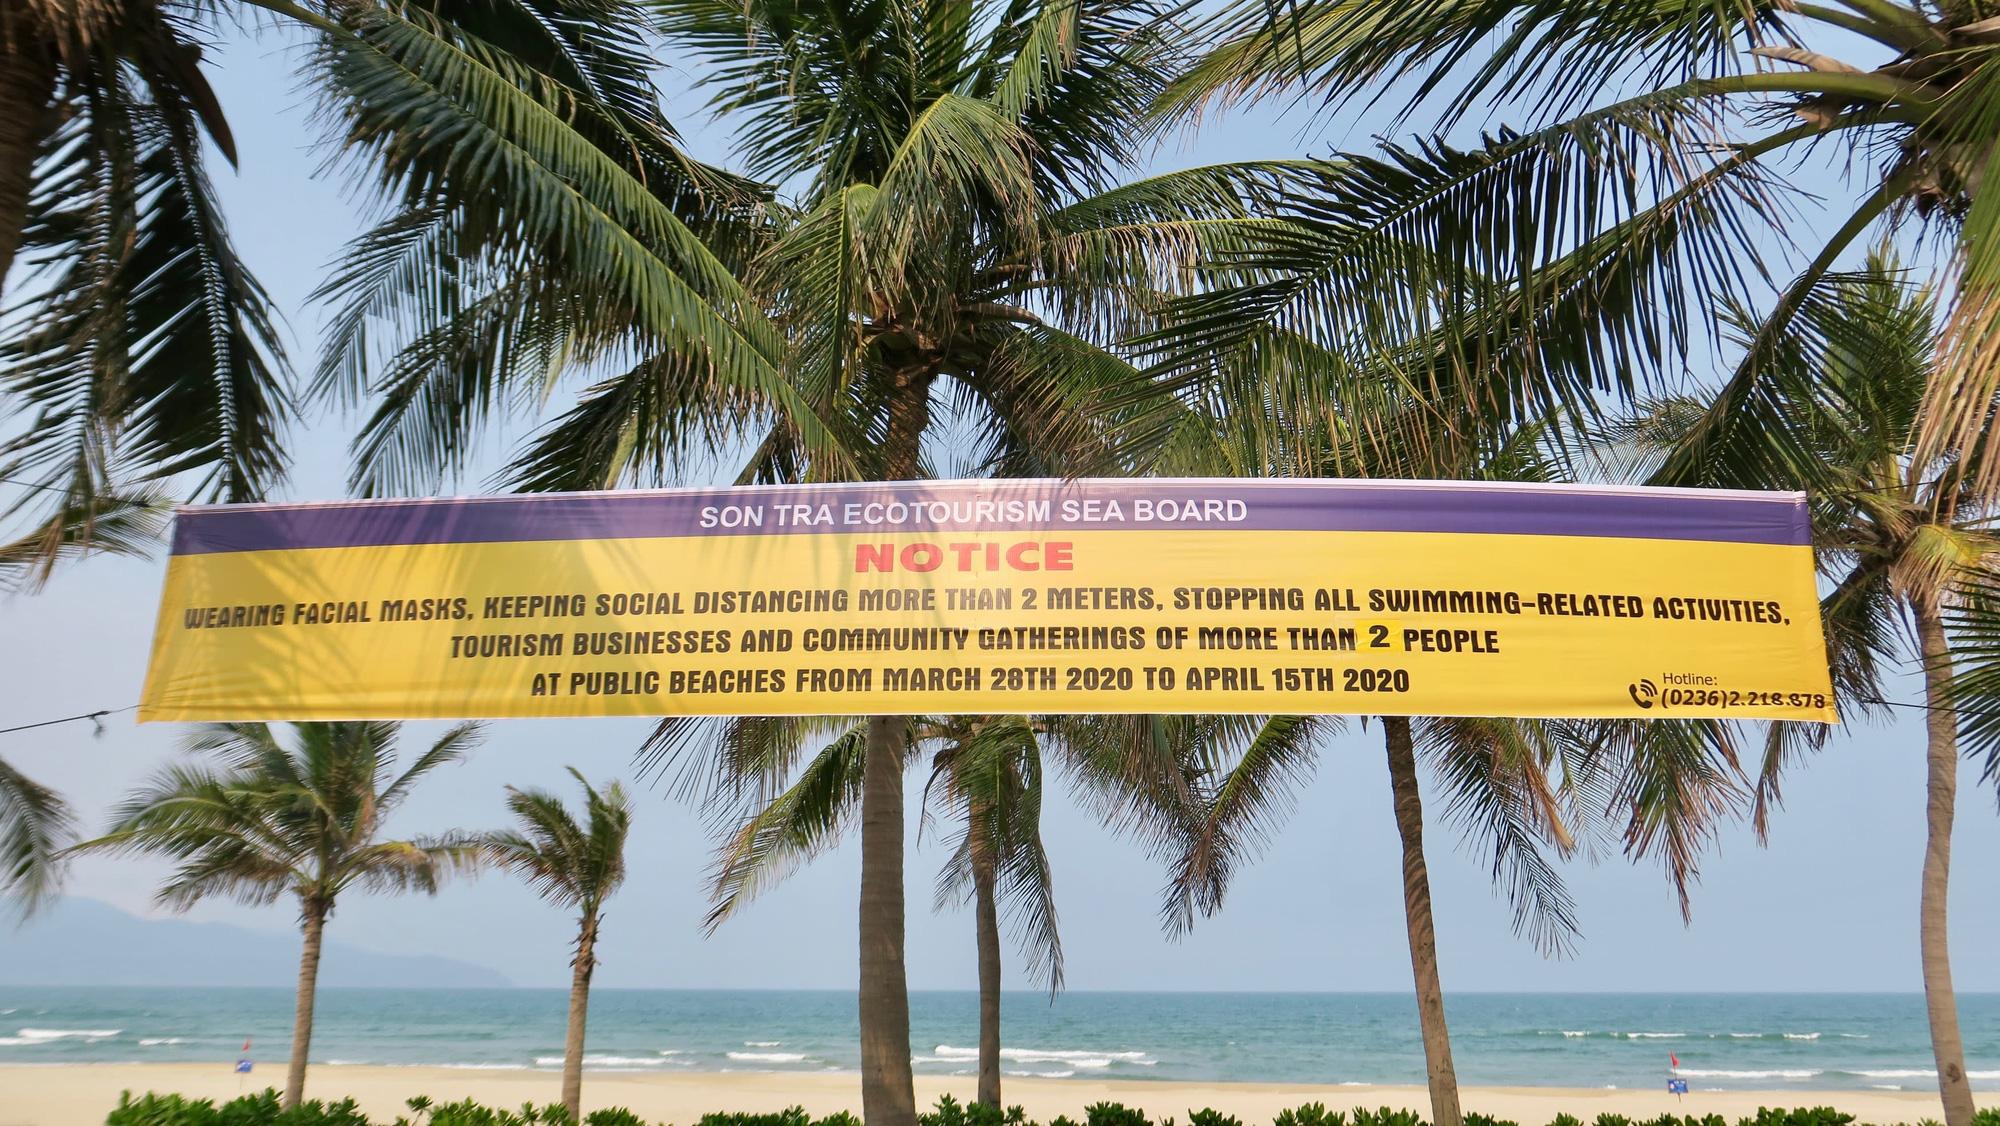 Từ các bãi biển hoang vắng: Đại dịch Covid - 19 đã làm tổn thương ngành du lịch Việt Nam thế nào? - Ảnh 1.